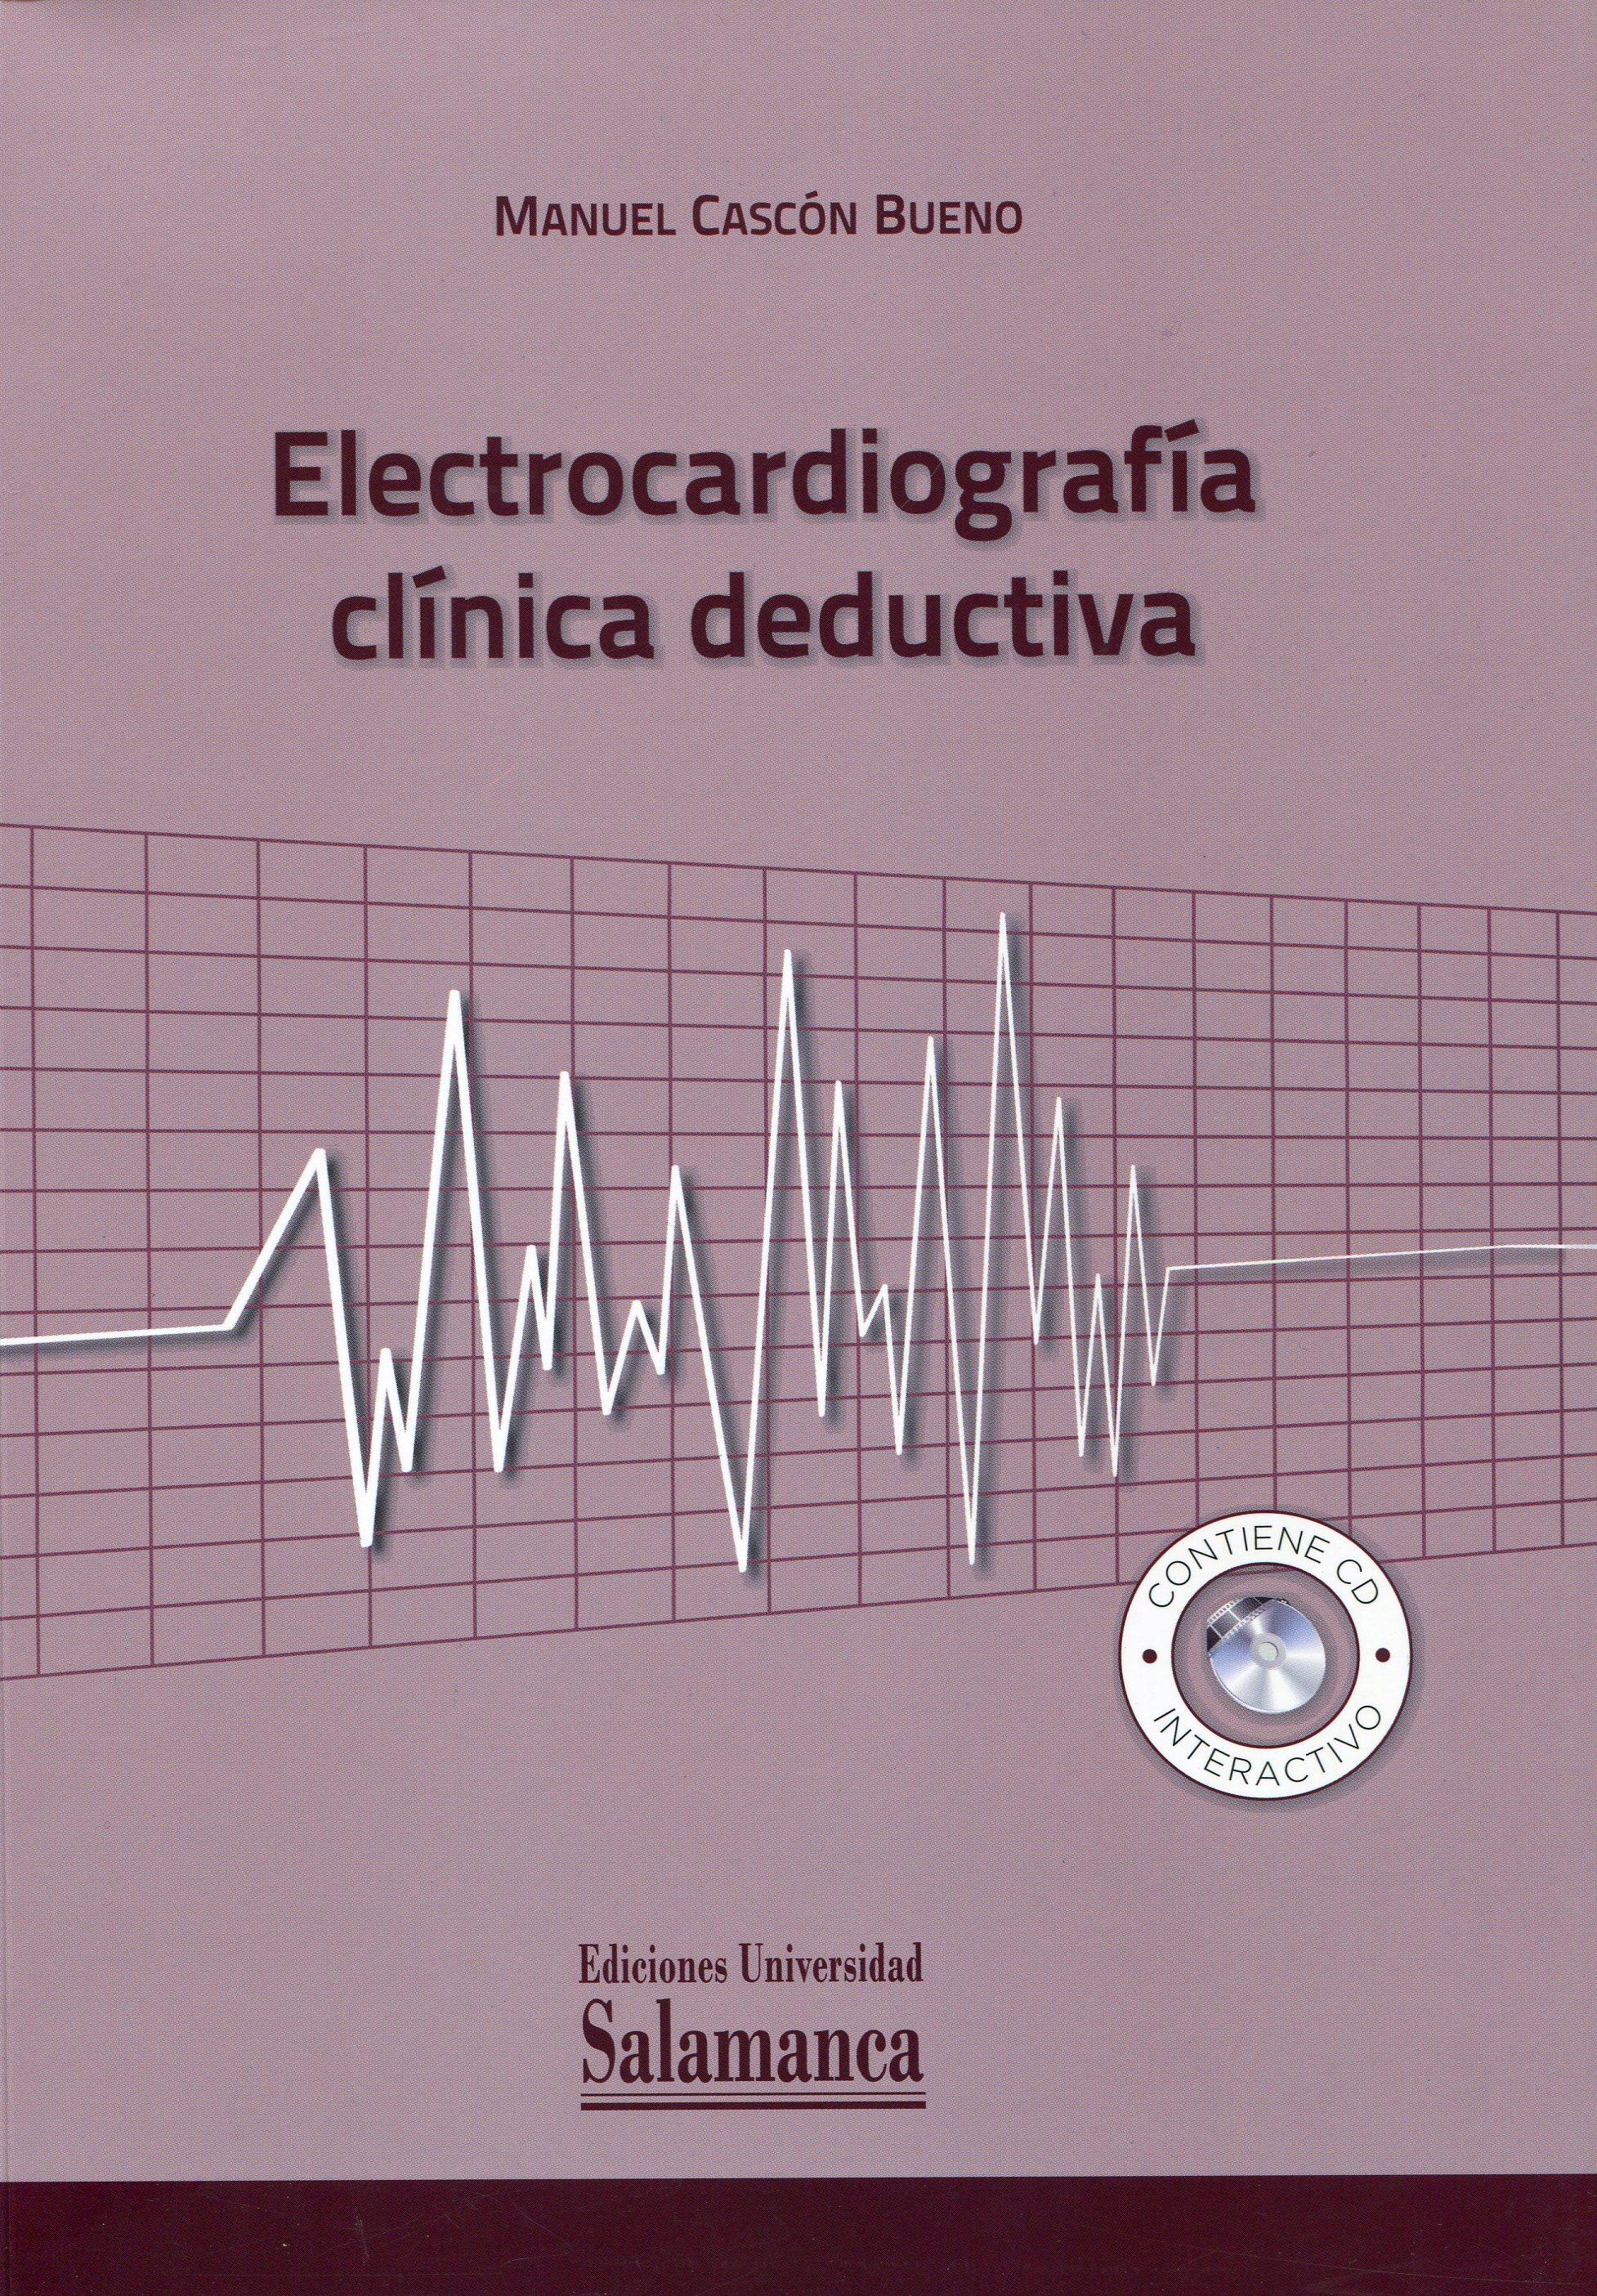 Electrocardiografía clínica deductiva